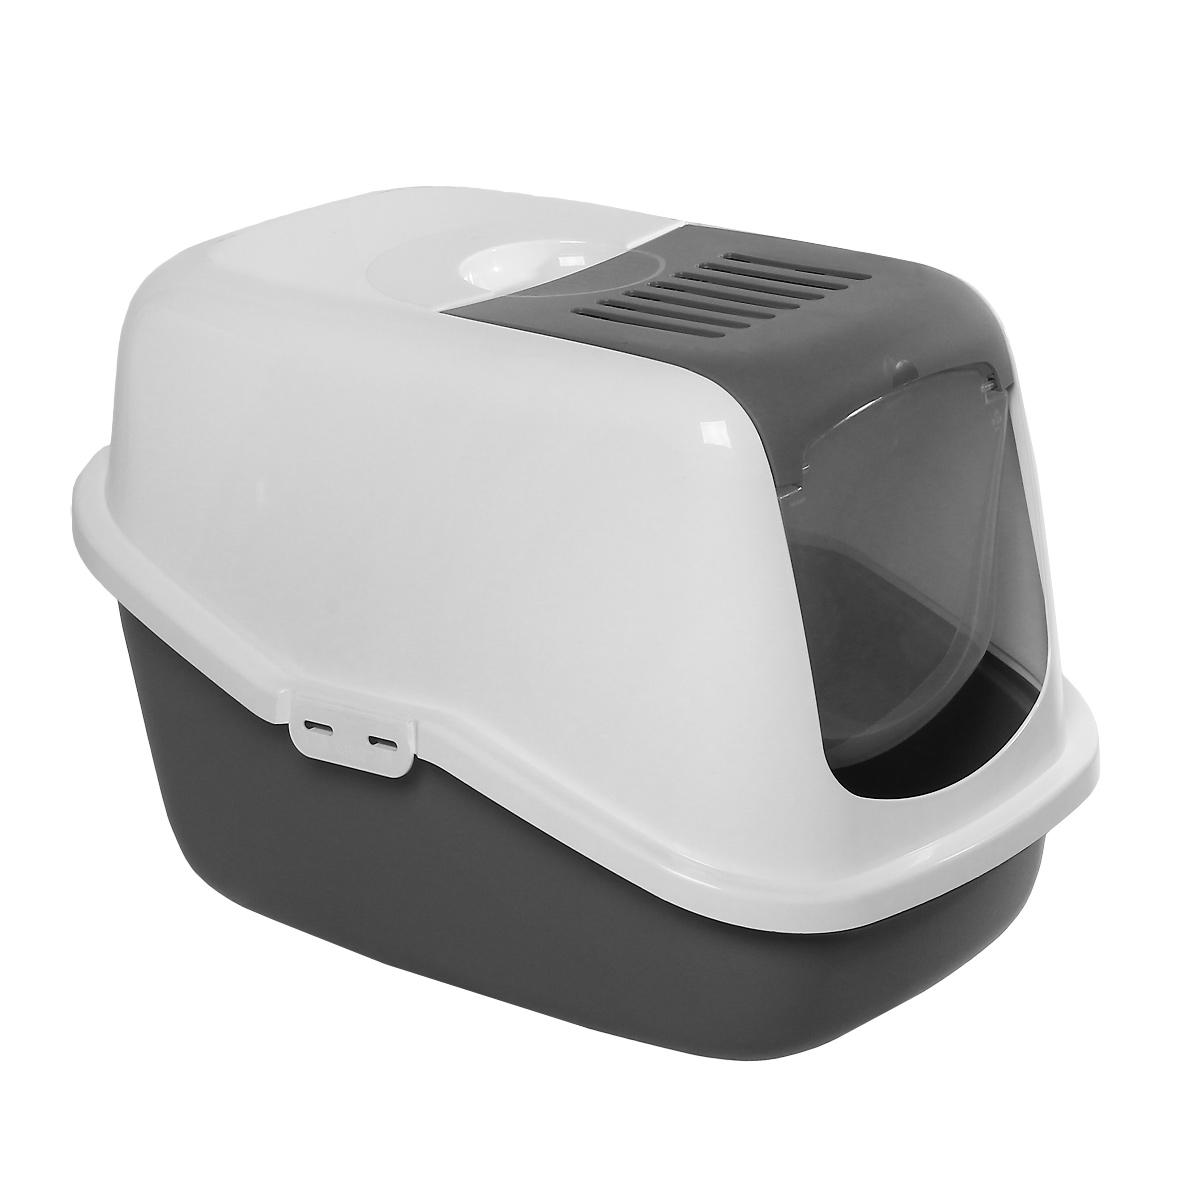 Туалет для кошек Savic Nestor, закрытый, цвет: белый, светло-серый, 56 см х 39 см х 38,5 см0227- 00WGТуалет для кошек Savic Nestor изготовлен из качественного прочного пластика в виде домика. Легкая прозрачная пластиковая крышка предотвратит распространение запаха в доме. Это самый простой в употреблении предмет обихода для кошек и котов. Фильтр в комплект не входит.